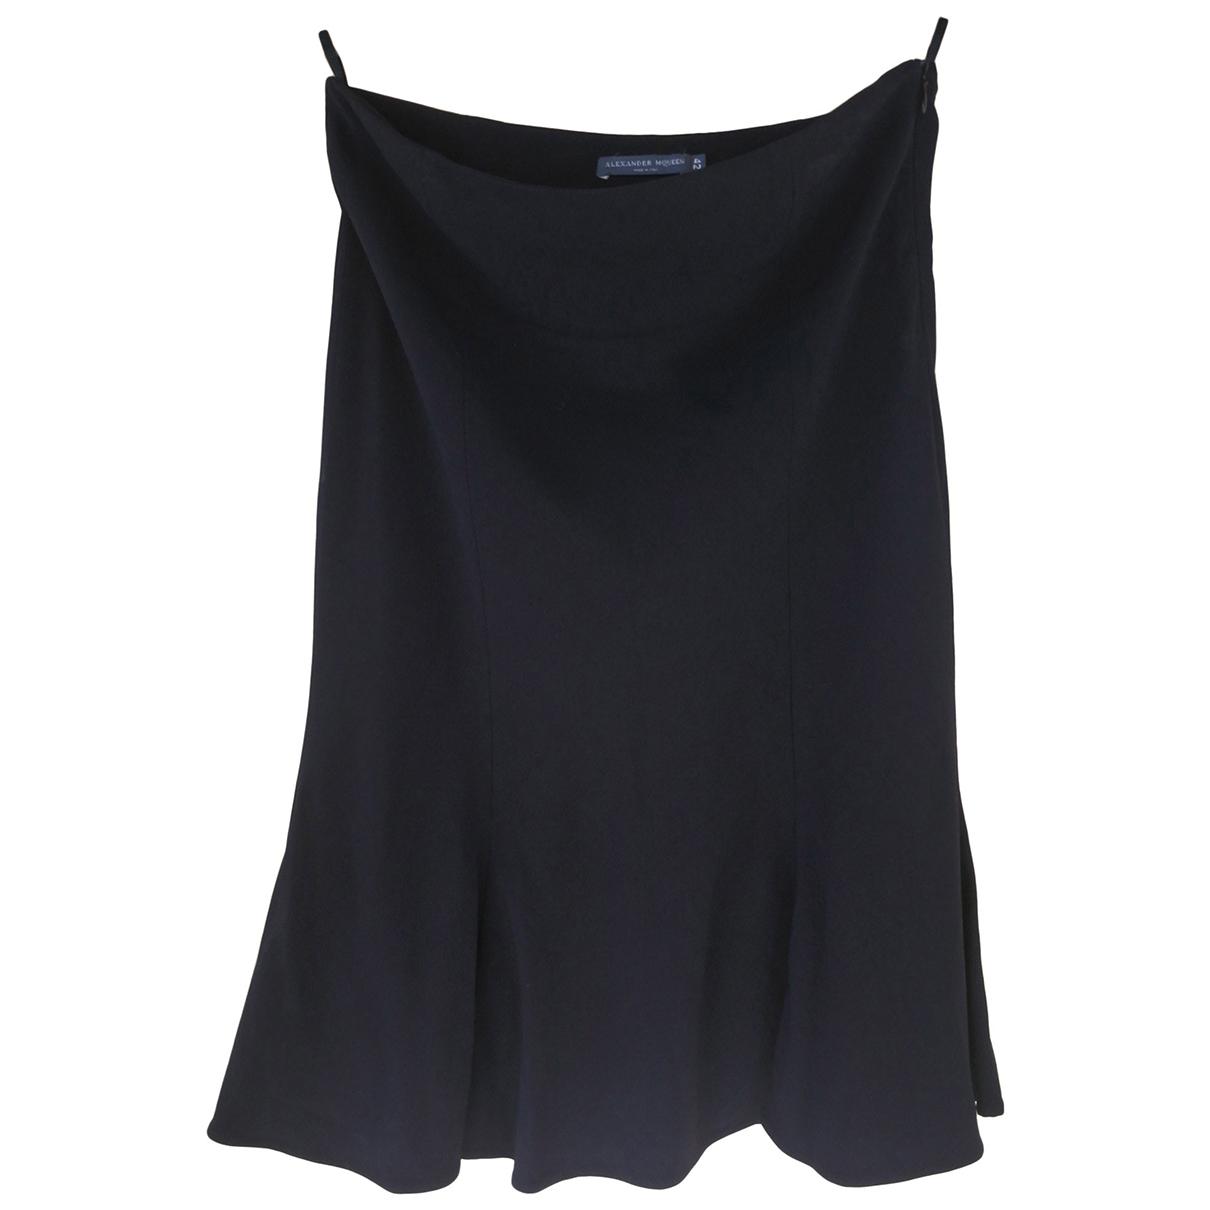 Alexander Mcqueen \N Black skirt for Women 42 FR